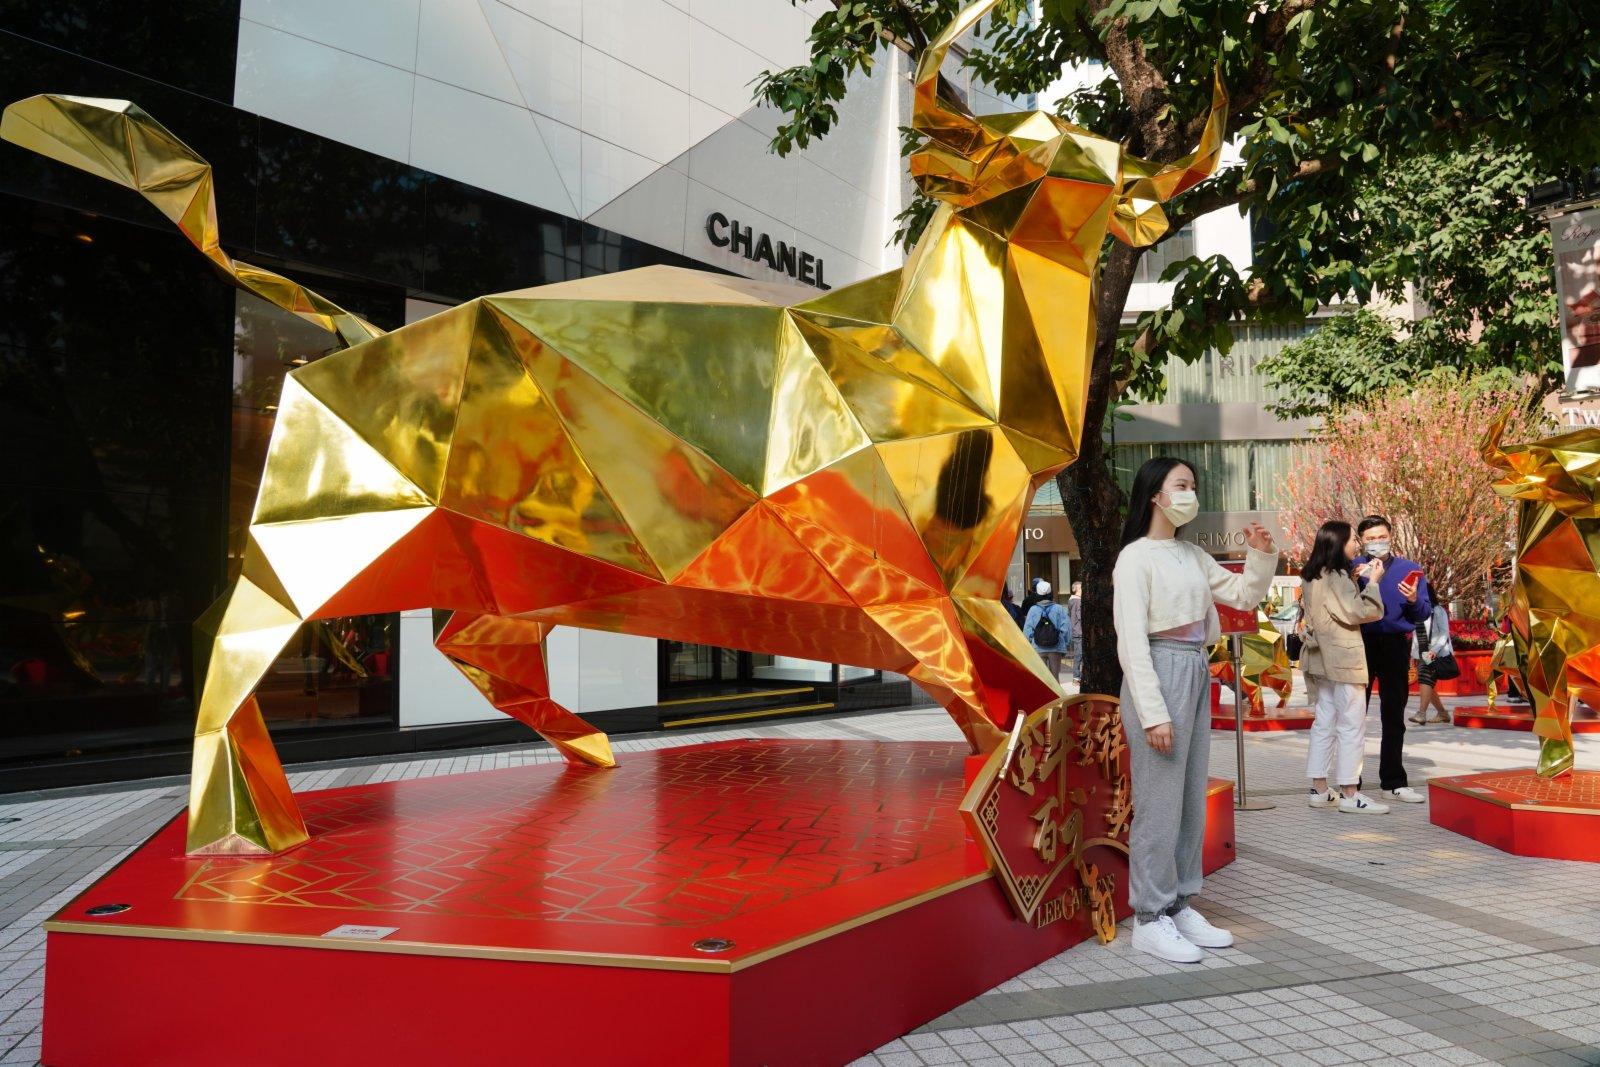 銅鑼灣街頭的「金牛呈祥」裝置在陽光下熠熠生輝。